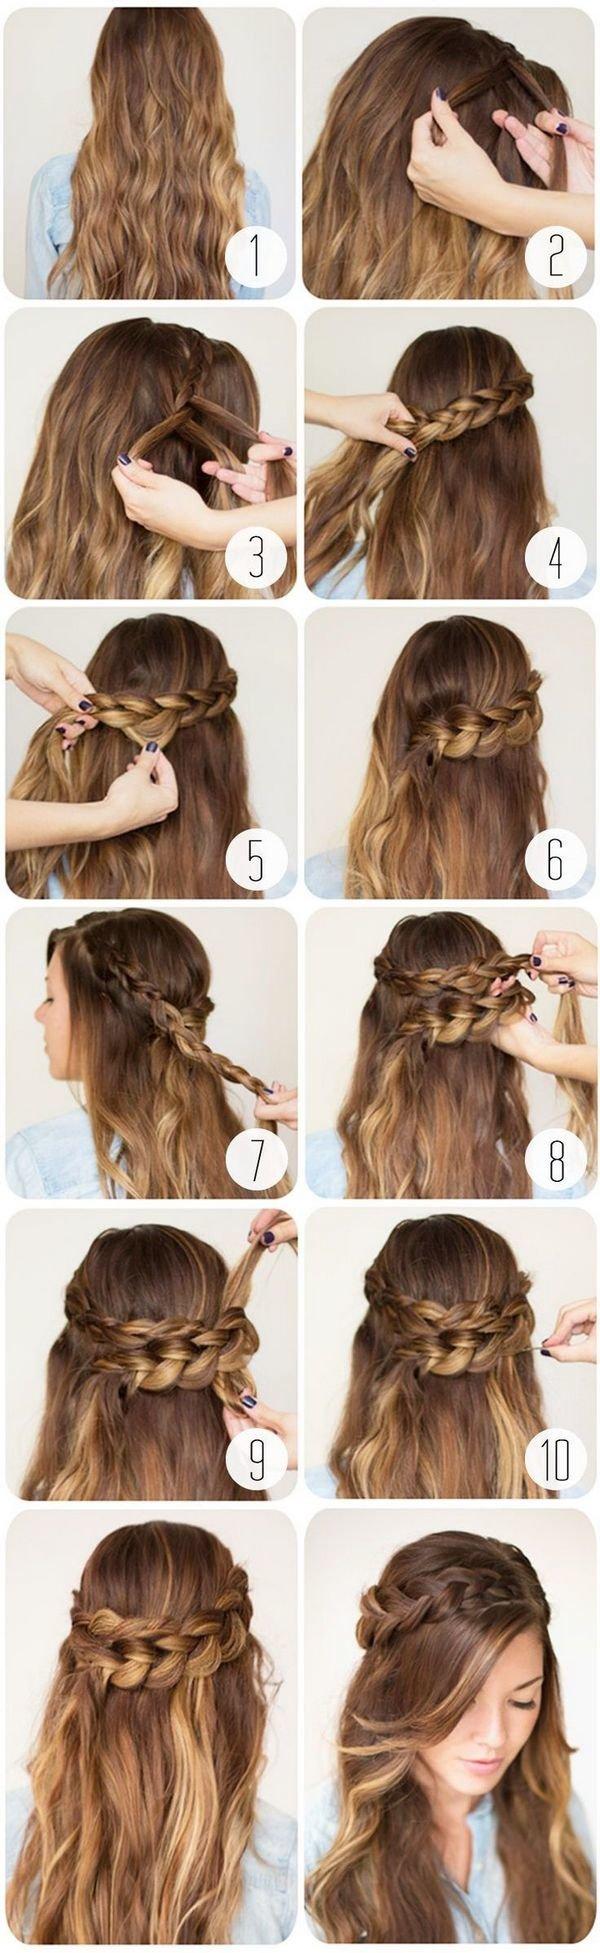 Видео уроки причесок для разных типов волос - онлайн 87